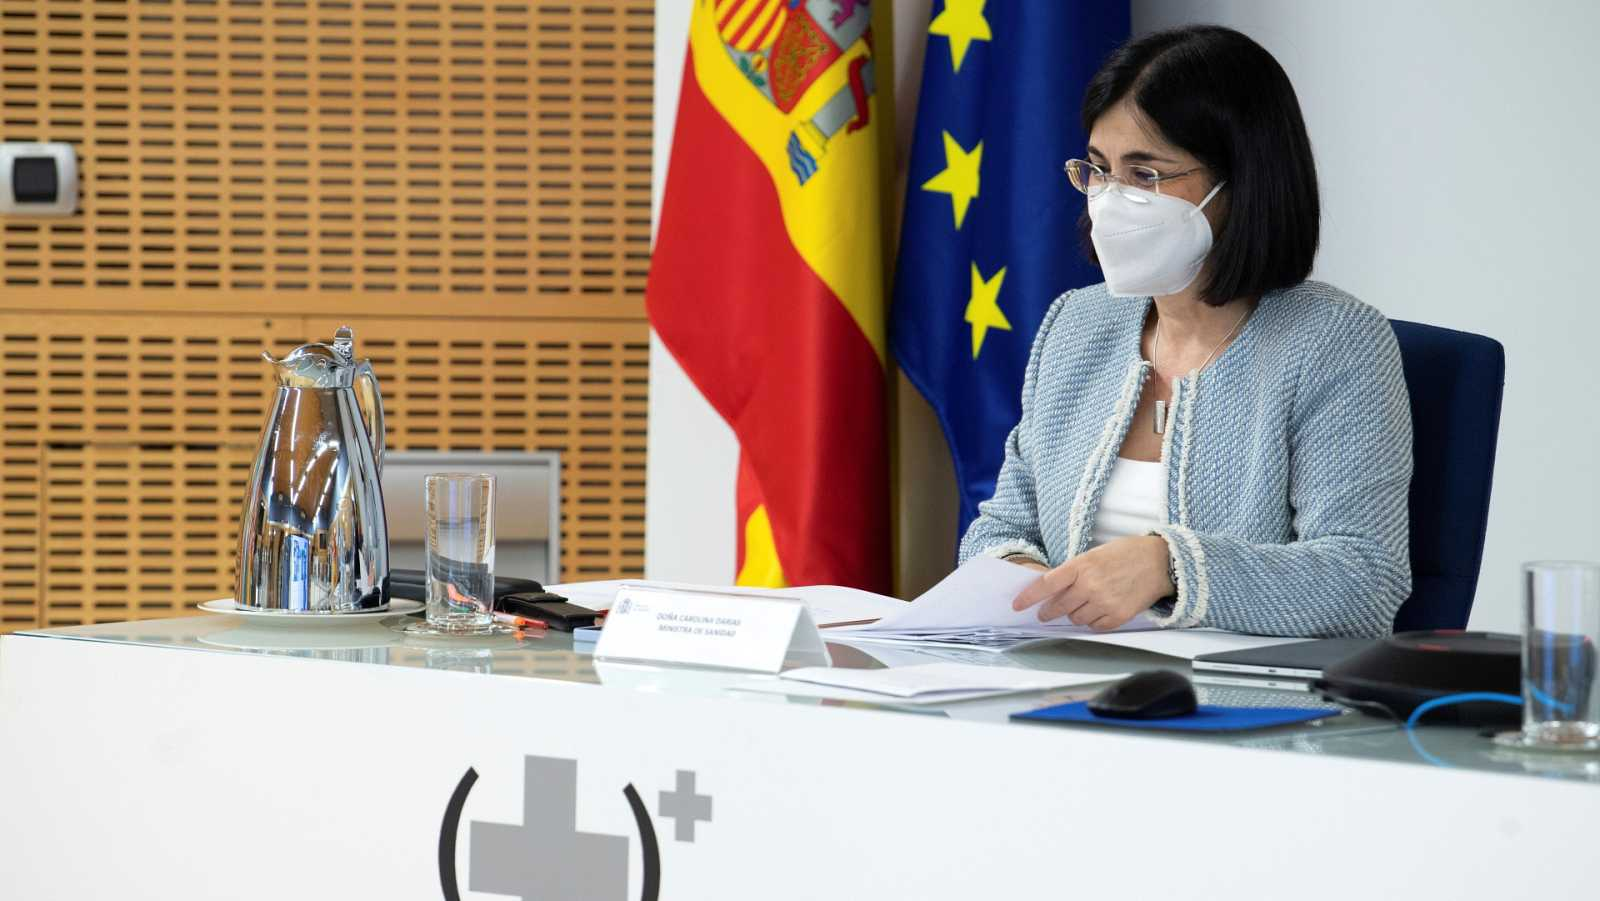 Especial informativo - Comparecencia de la ministra de Sanidad - 10/03/21 - ver ahora